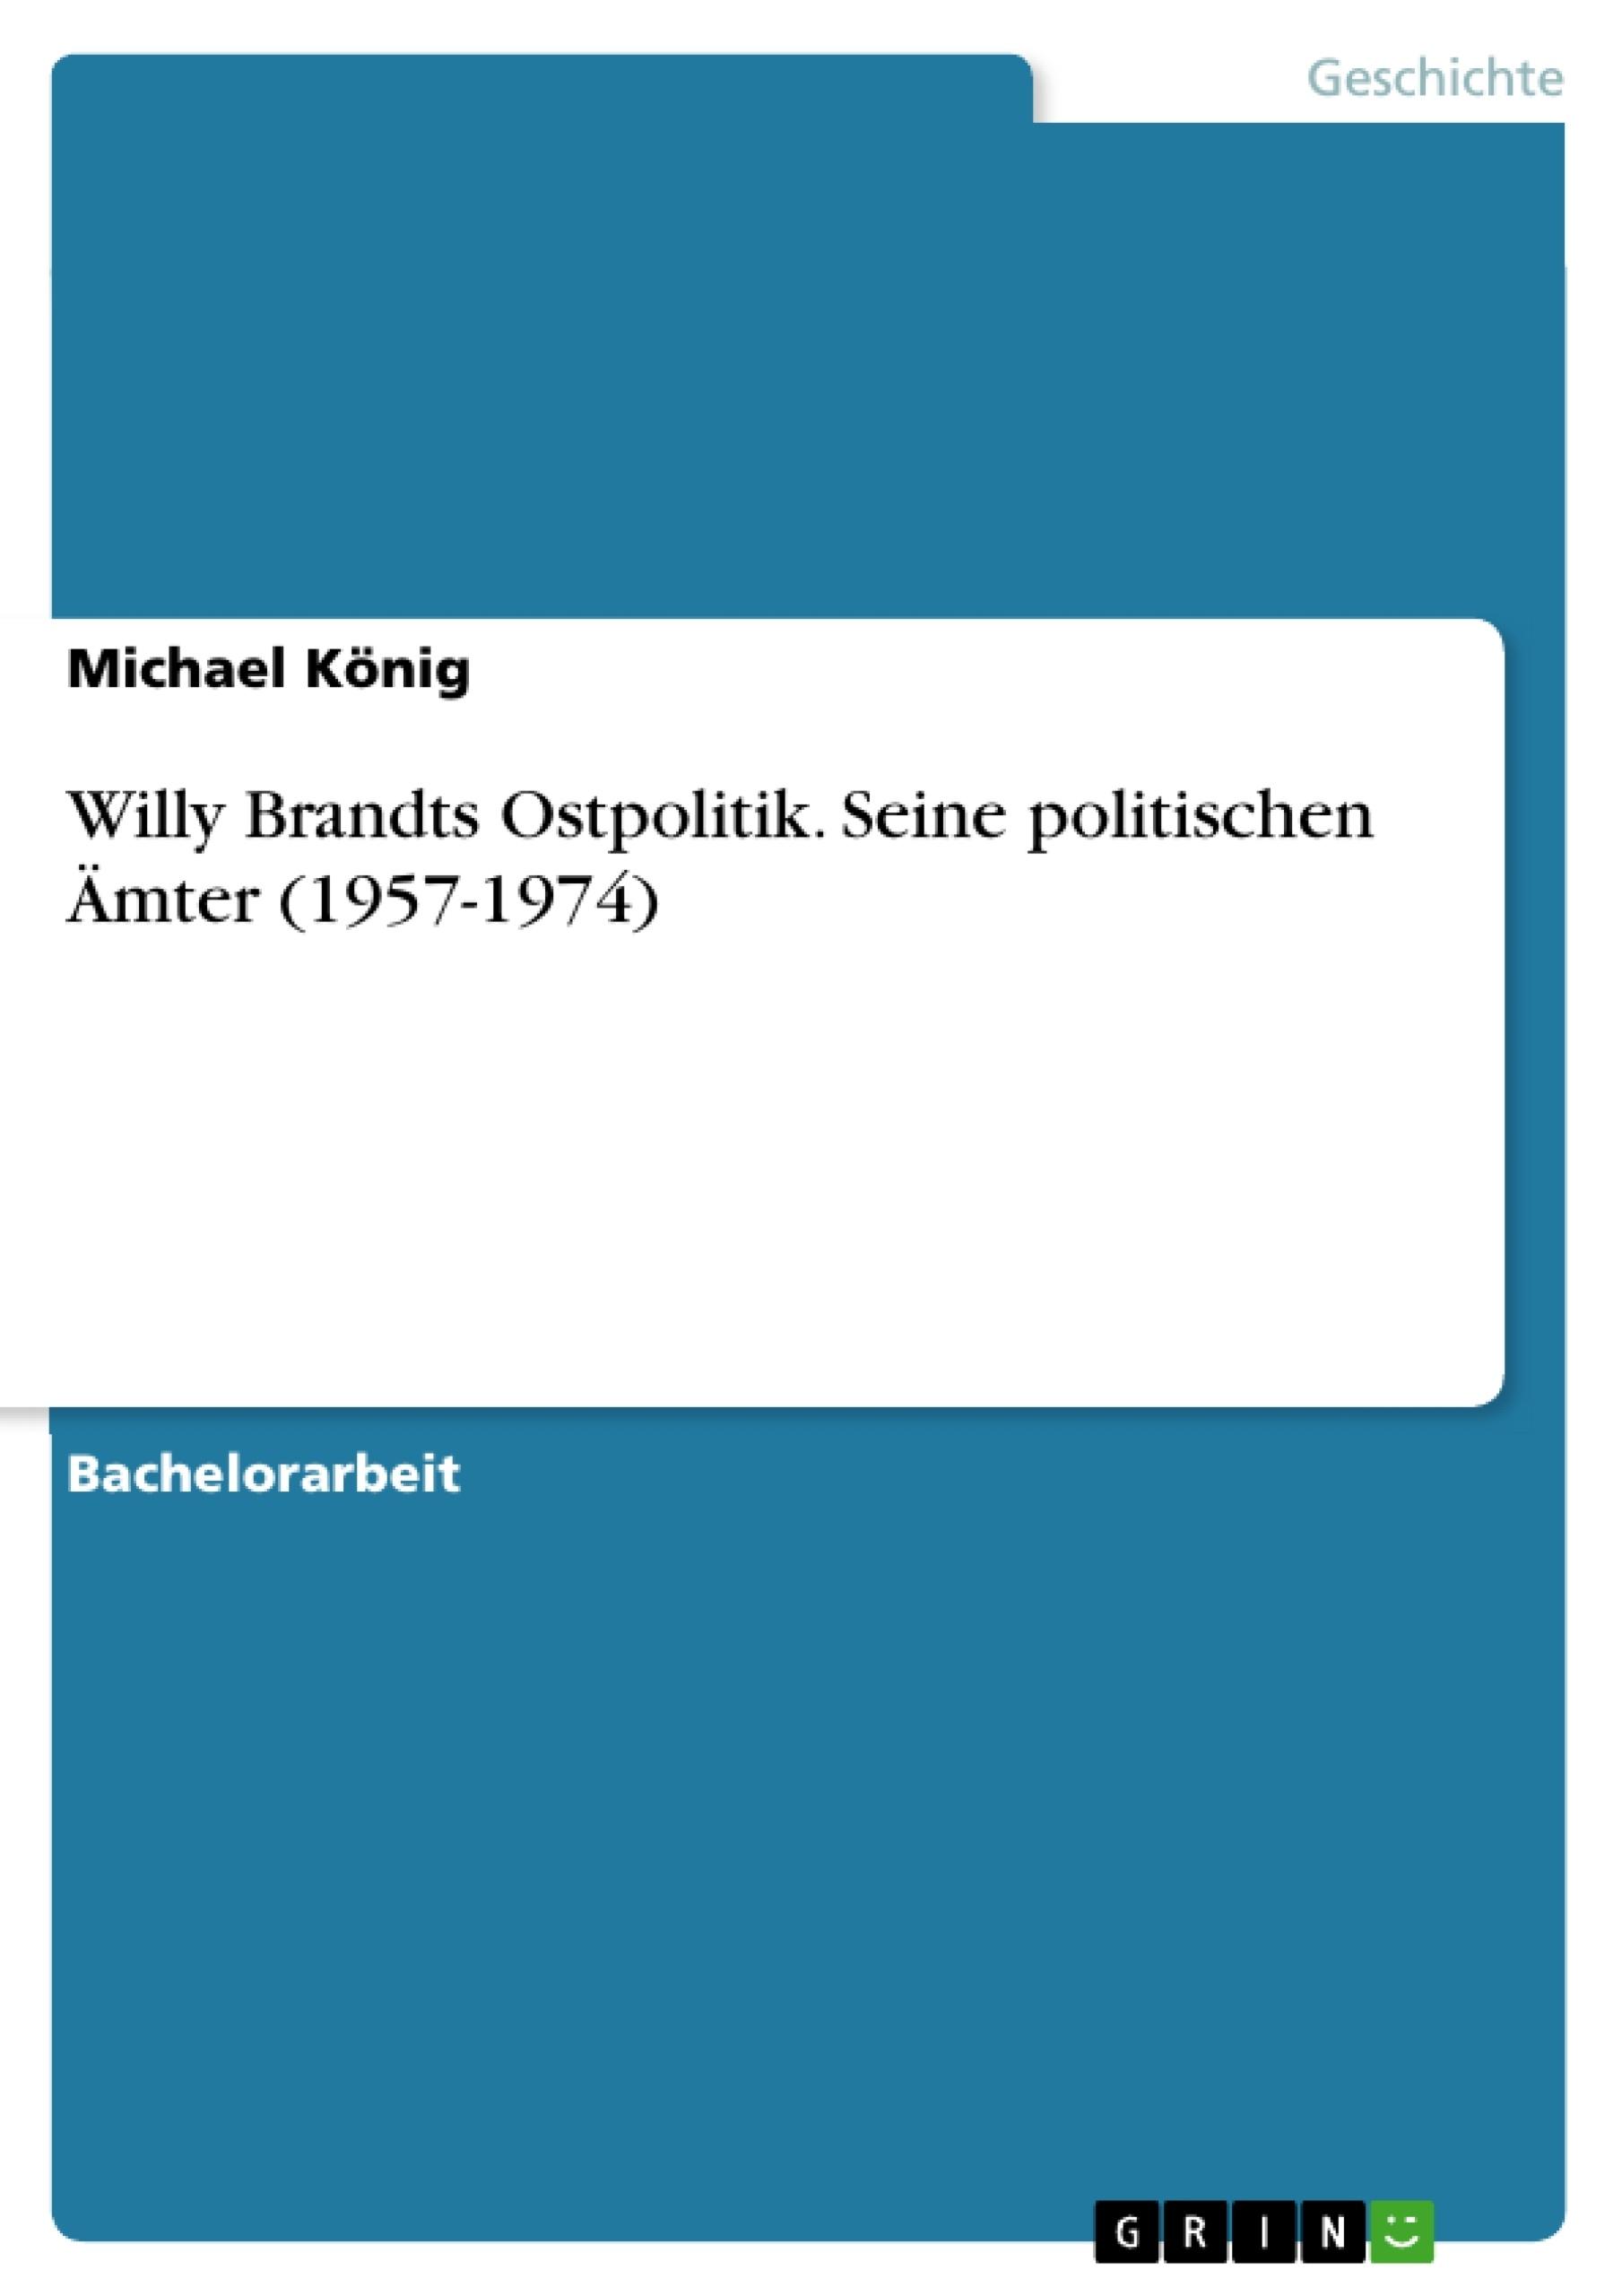 Titel: Willy Brandts Ostpolitik. Seine politischen Ämter (1957-1974)